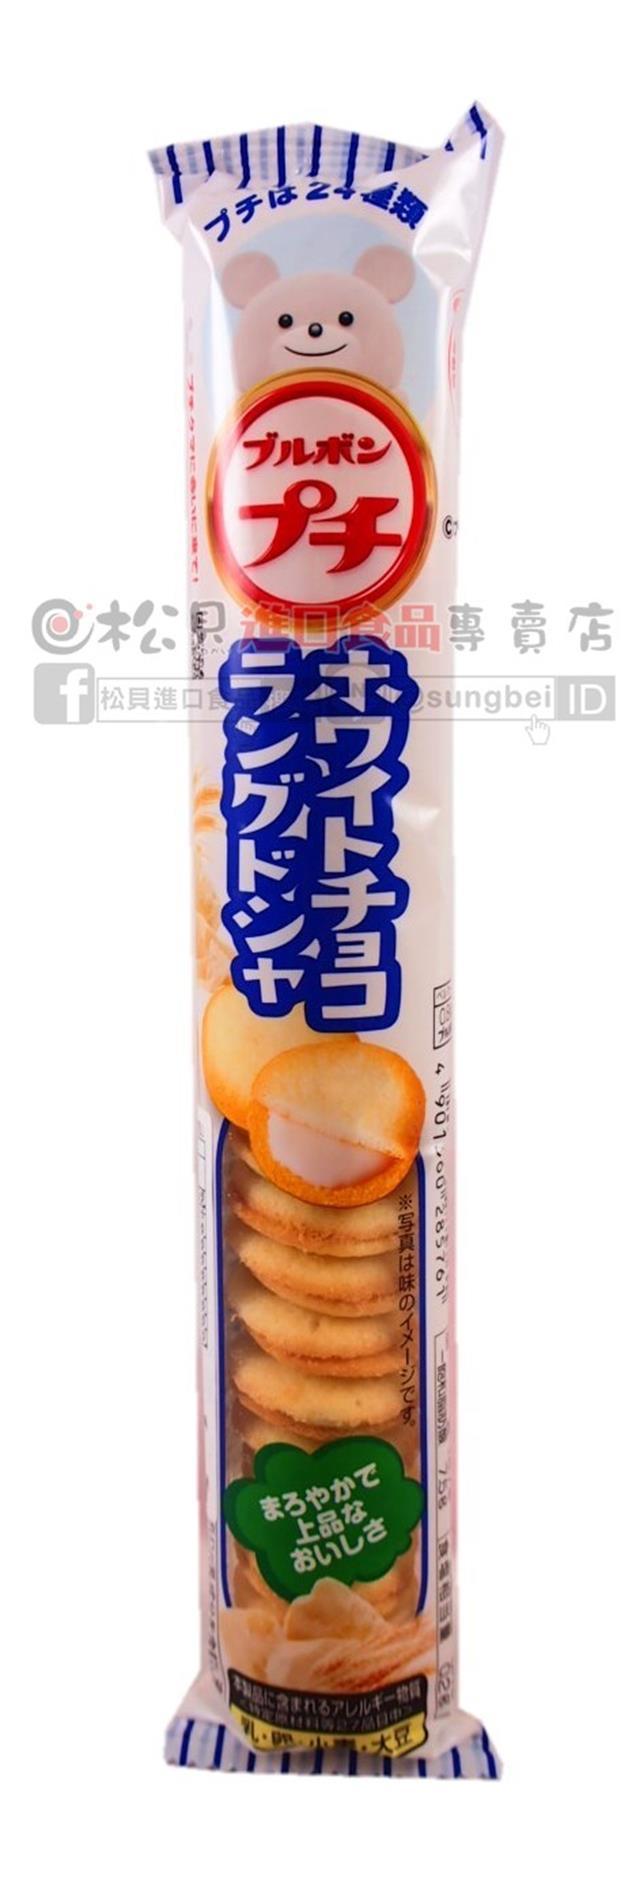 《松貝》北日本長條白巧克力餅47g【4901360285761】bc92